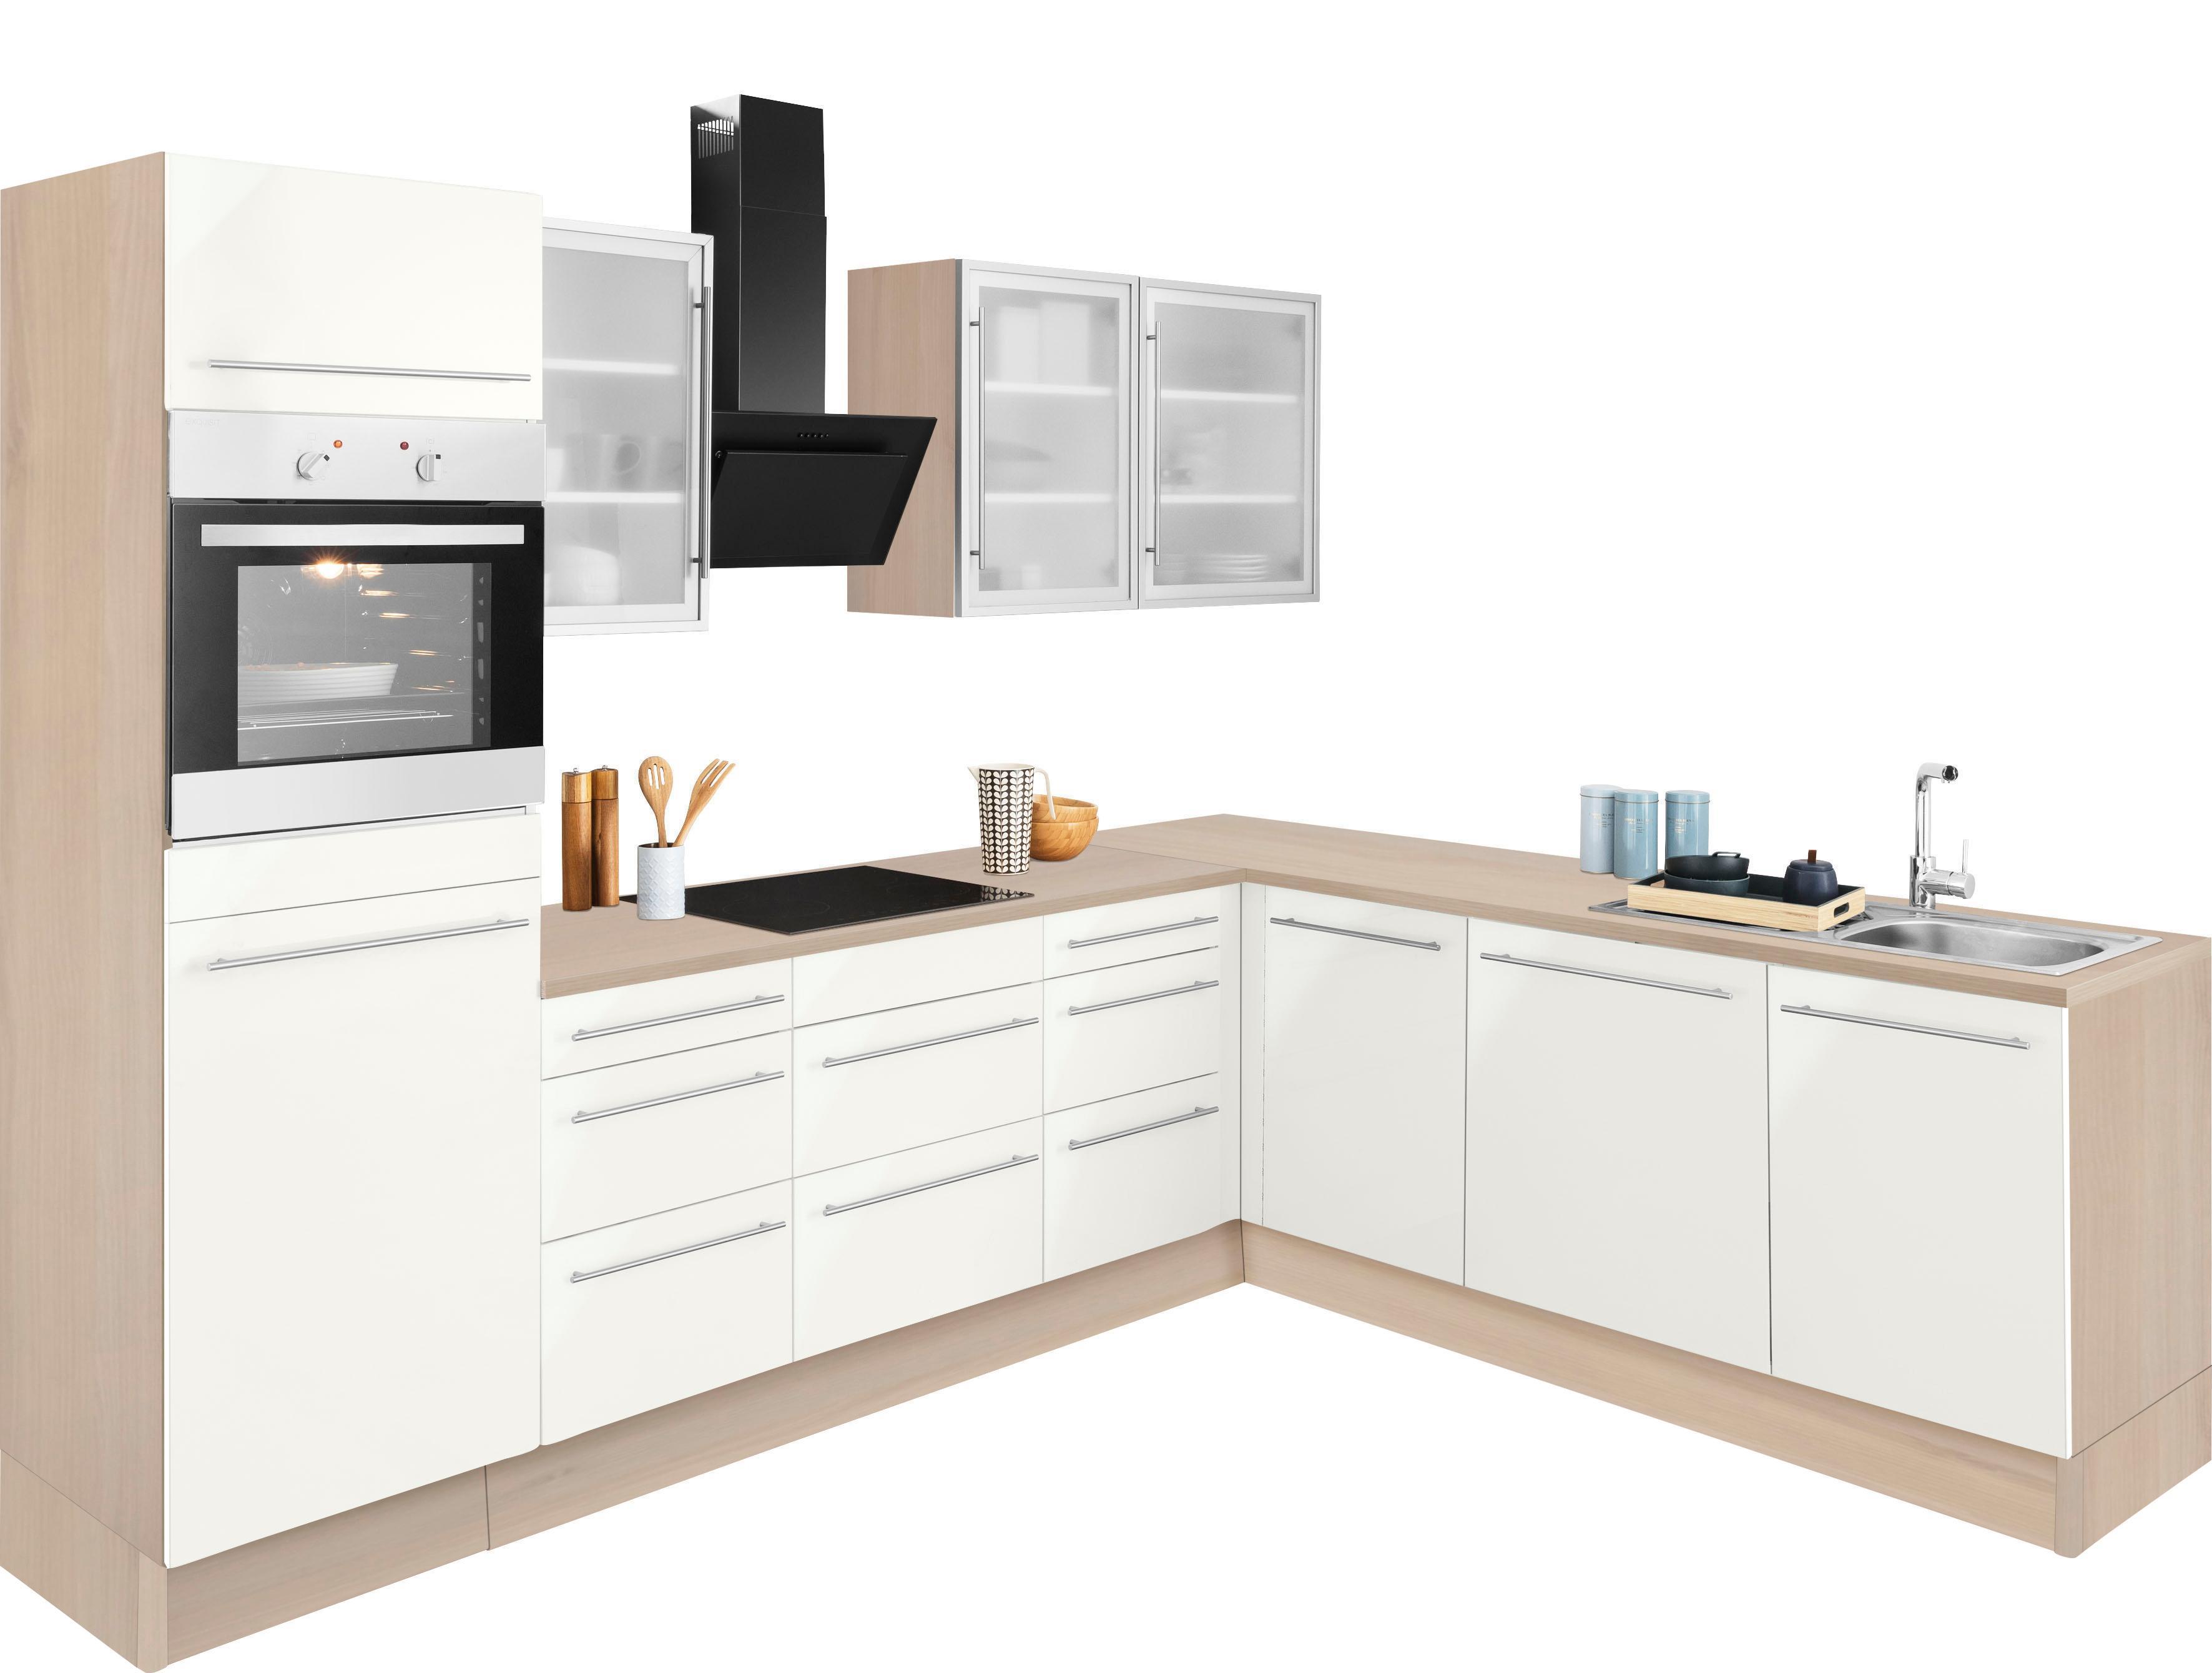 OPTIFIT Winkelküche »Bern«, mit E-Geräten, Stellbreite 285 x 225 cm | Küche und Esszimmer > Küchen > Winkelküchen | OPTIFIT